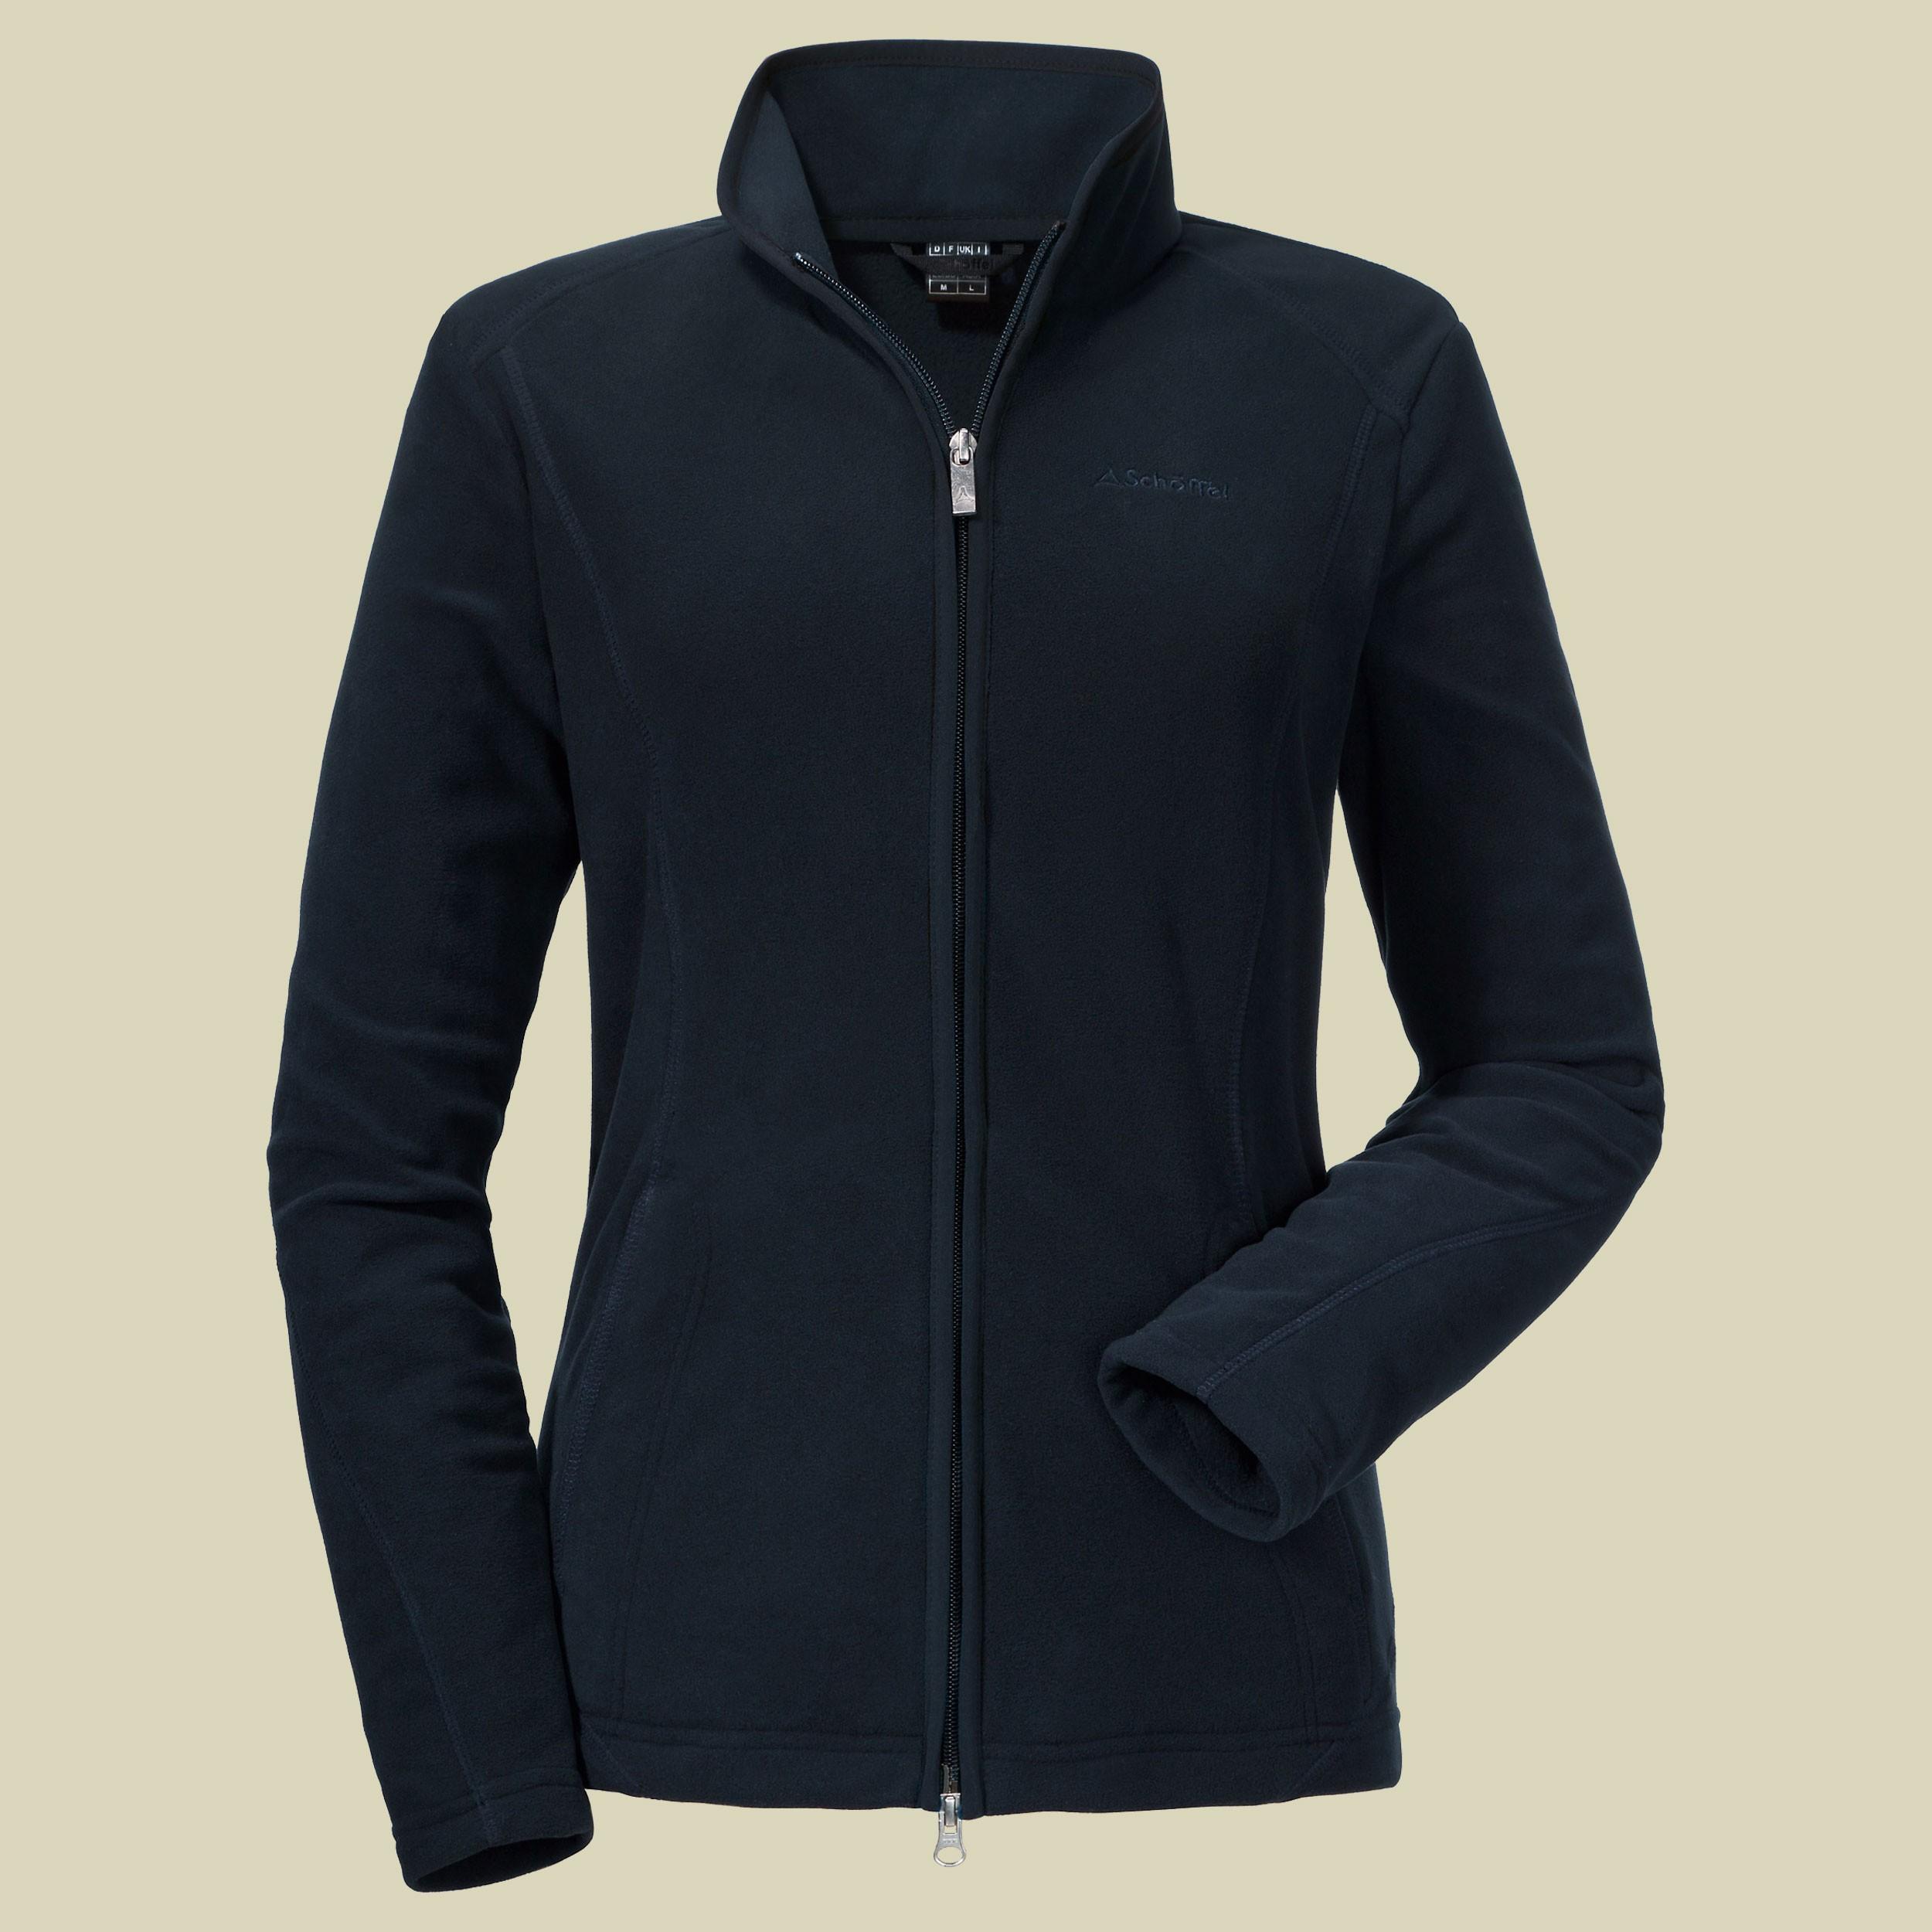 Fleece Jacket Leona2 Women